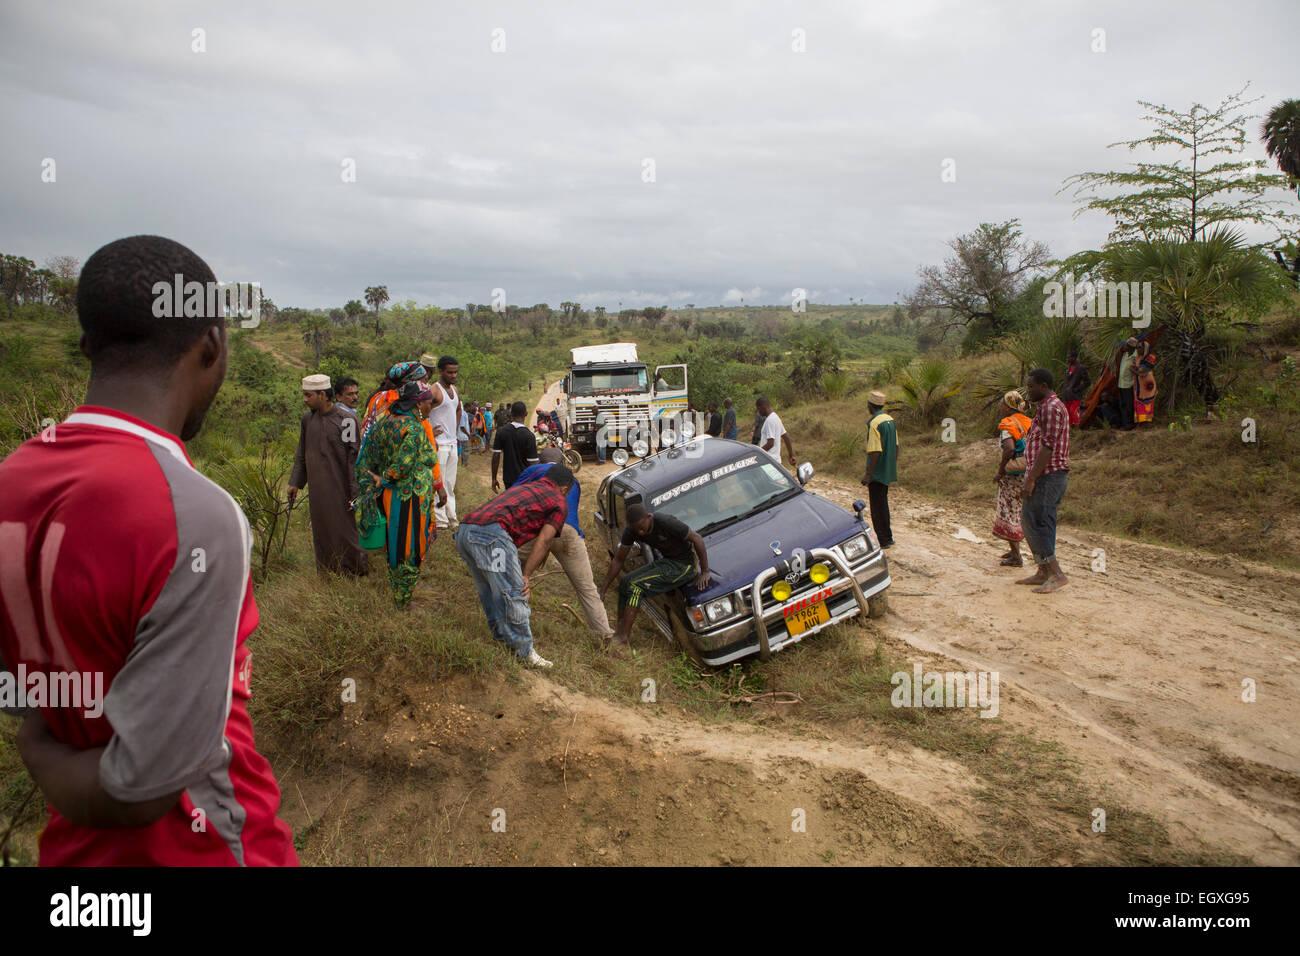 Minusválidos vehículos en una carretera cerca de impasibles en Tanga, Tanzania, África Oriental. Imagen De Stock